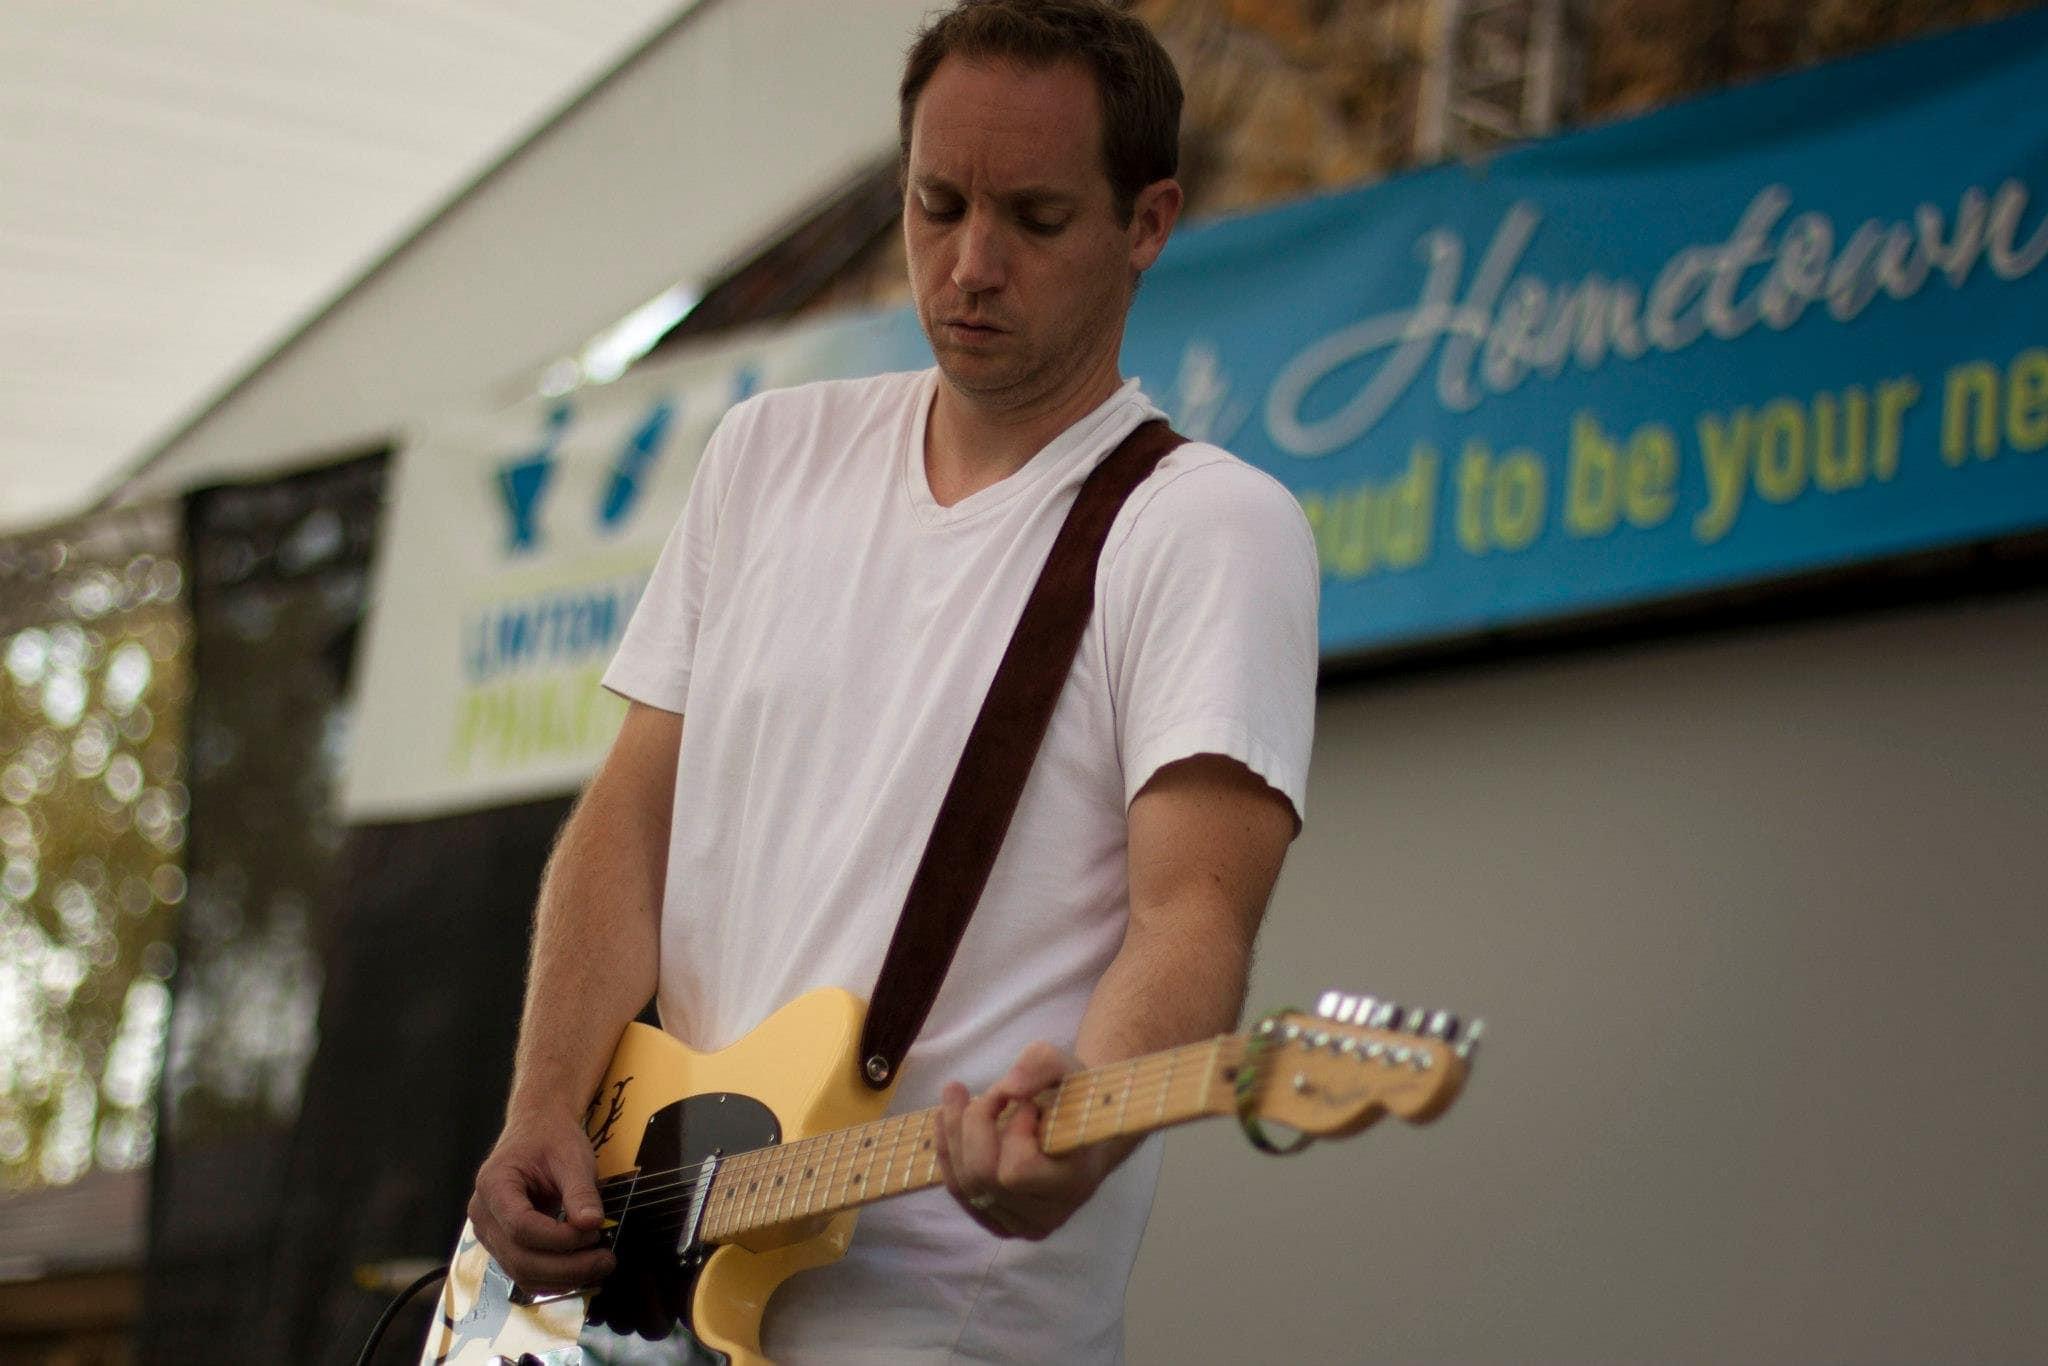 Joe playing guitar